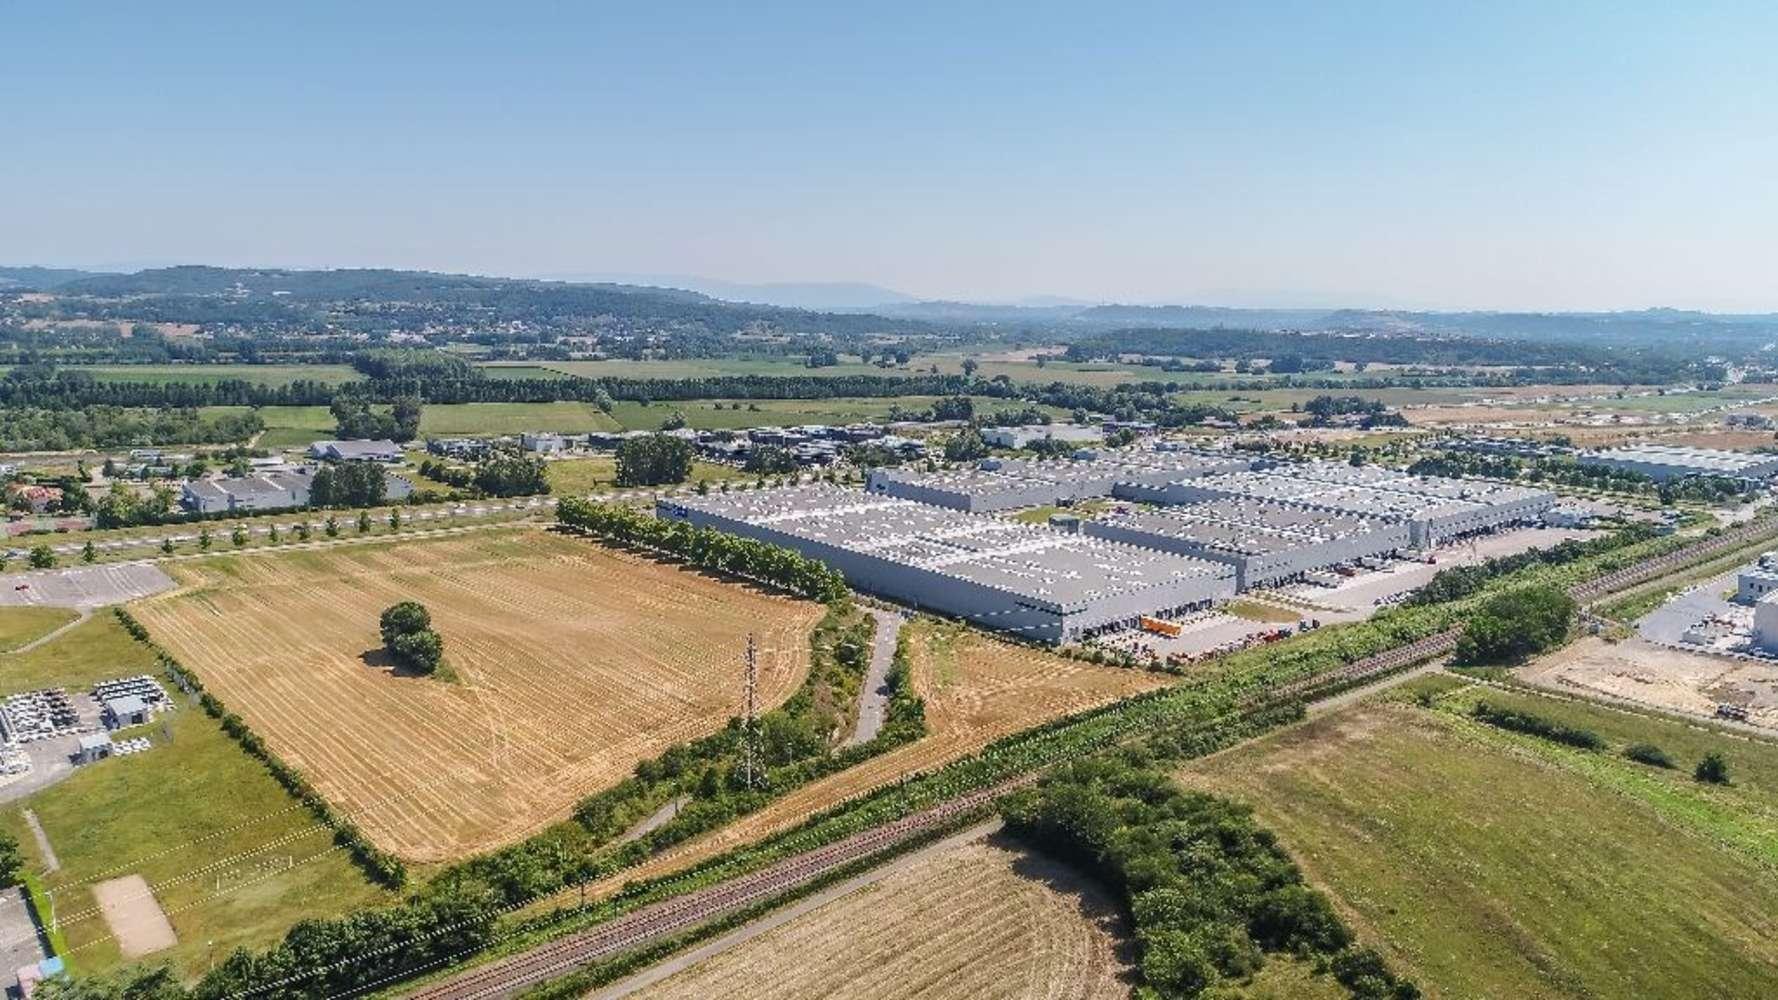 Plateformes logistiques Vaulx milieu, 38090 - A louer - entrepôt logistique Isère (38) - 9988852